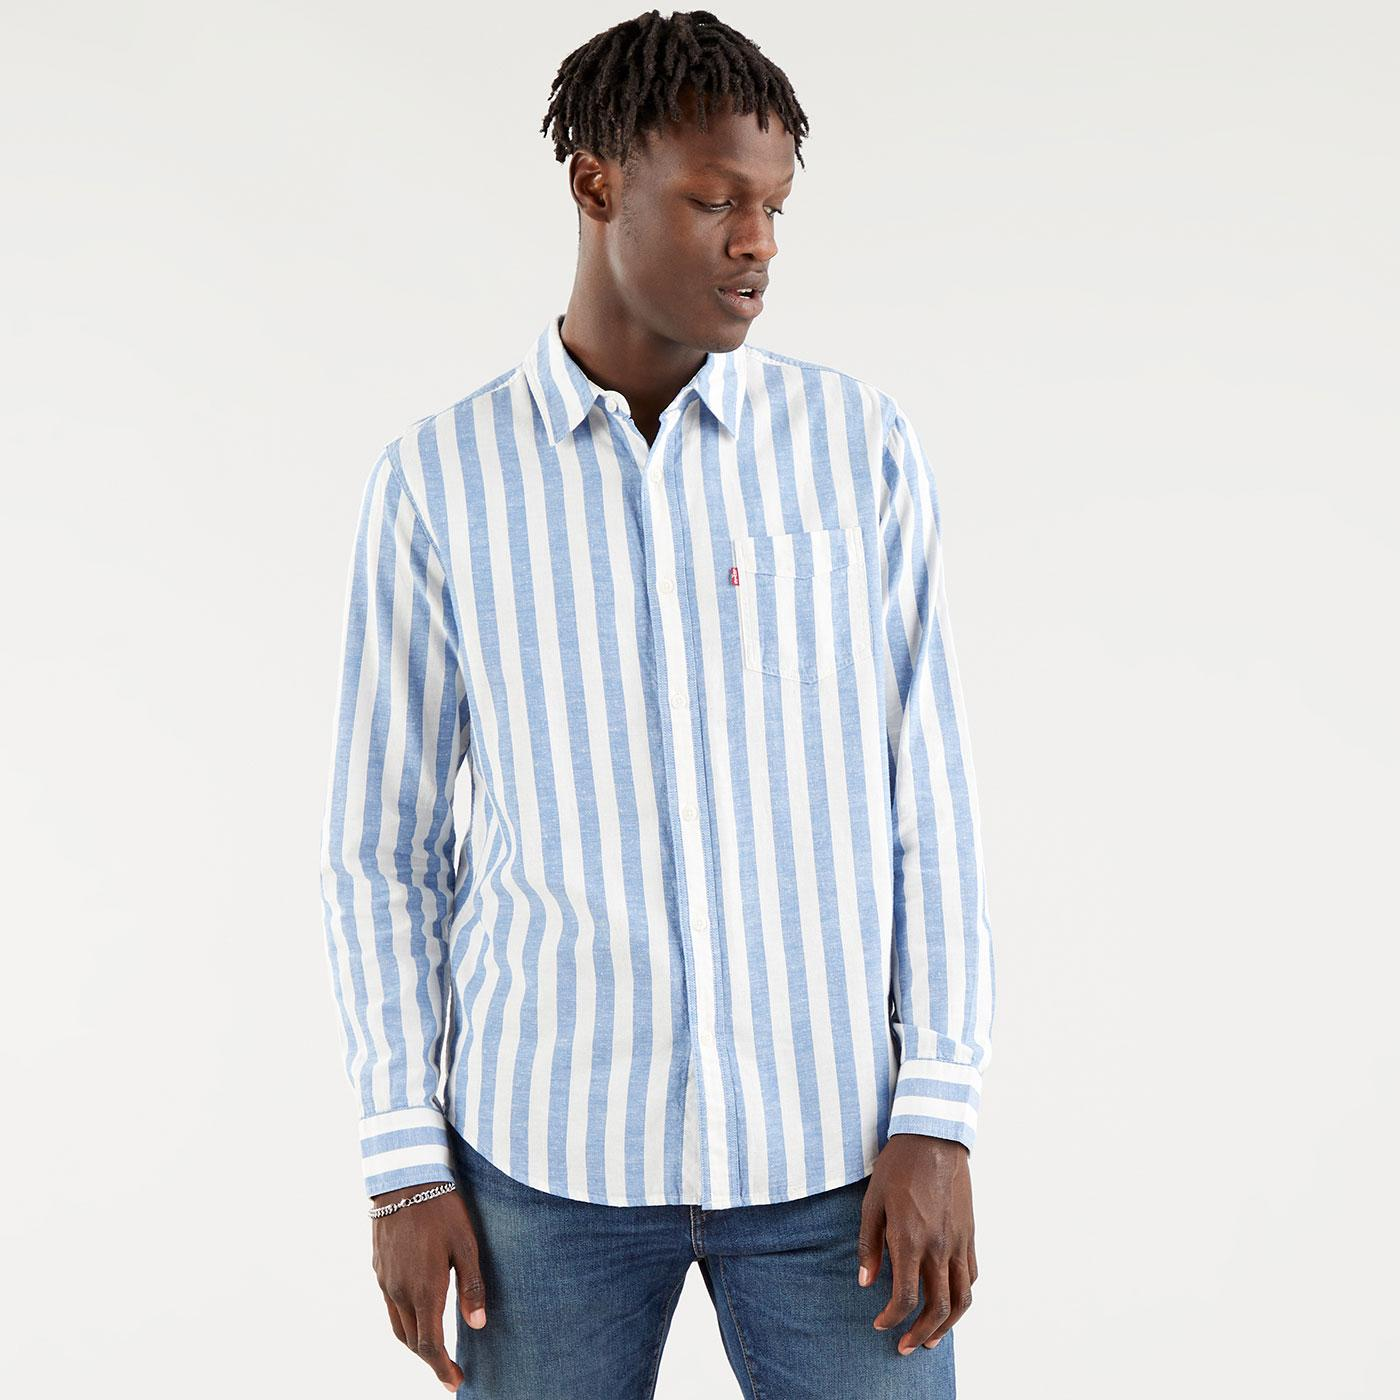 LEVI'S Sunset 1 Pkt Mod Jagger Stripe Shirt (CSS)